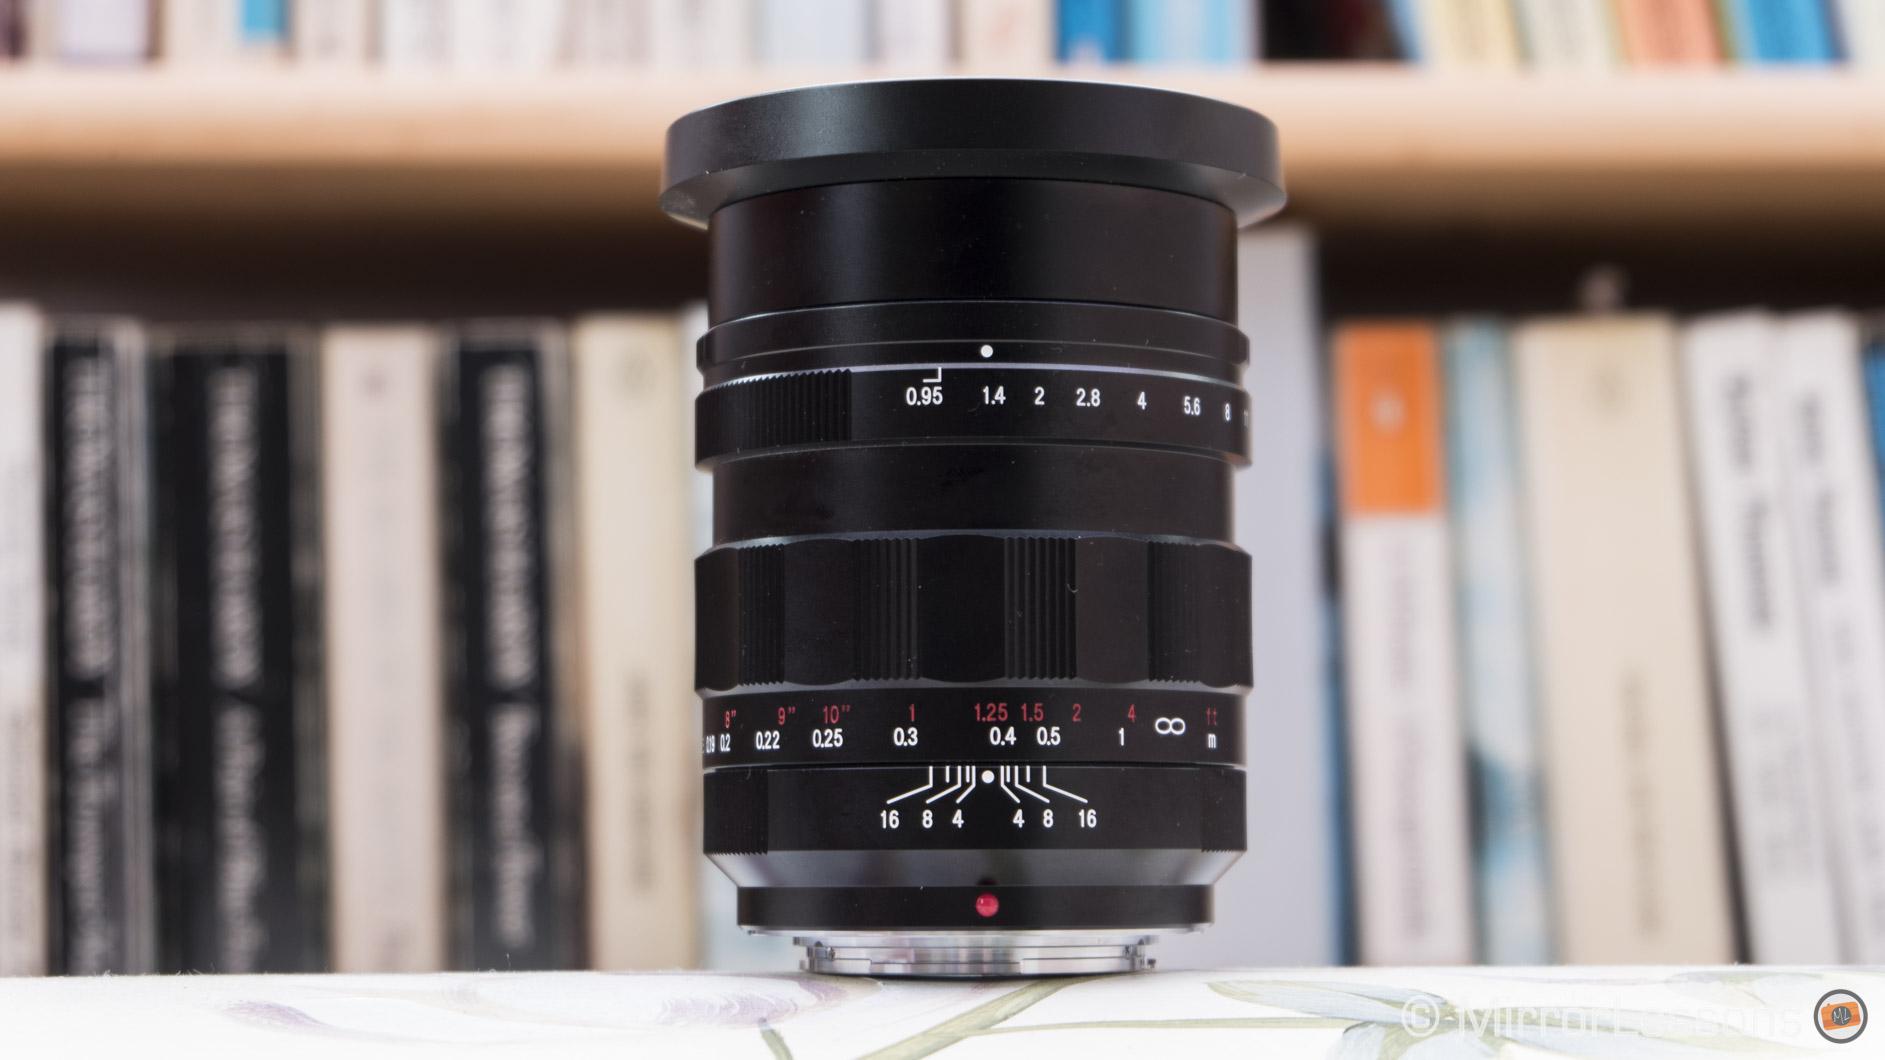 voigtlander 17.5mm f 0.95